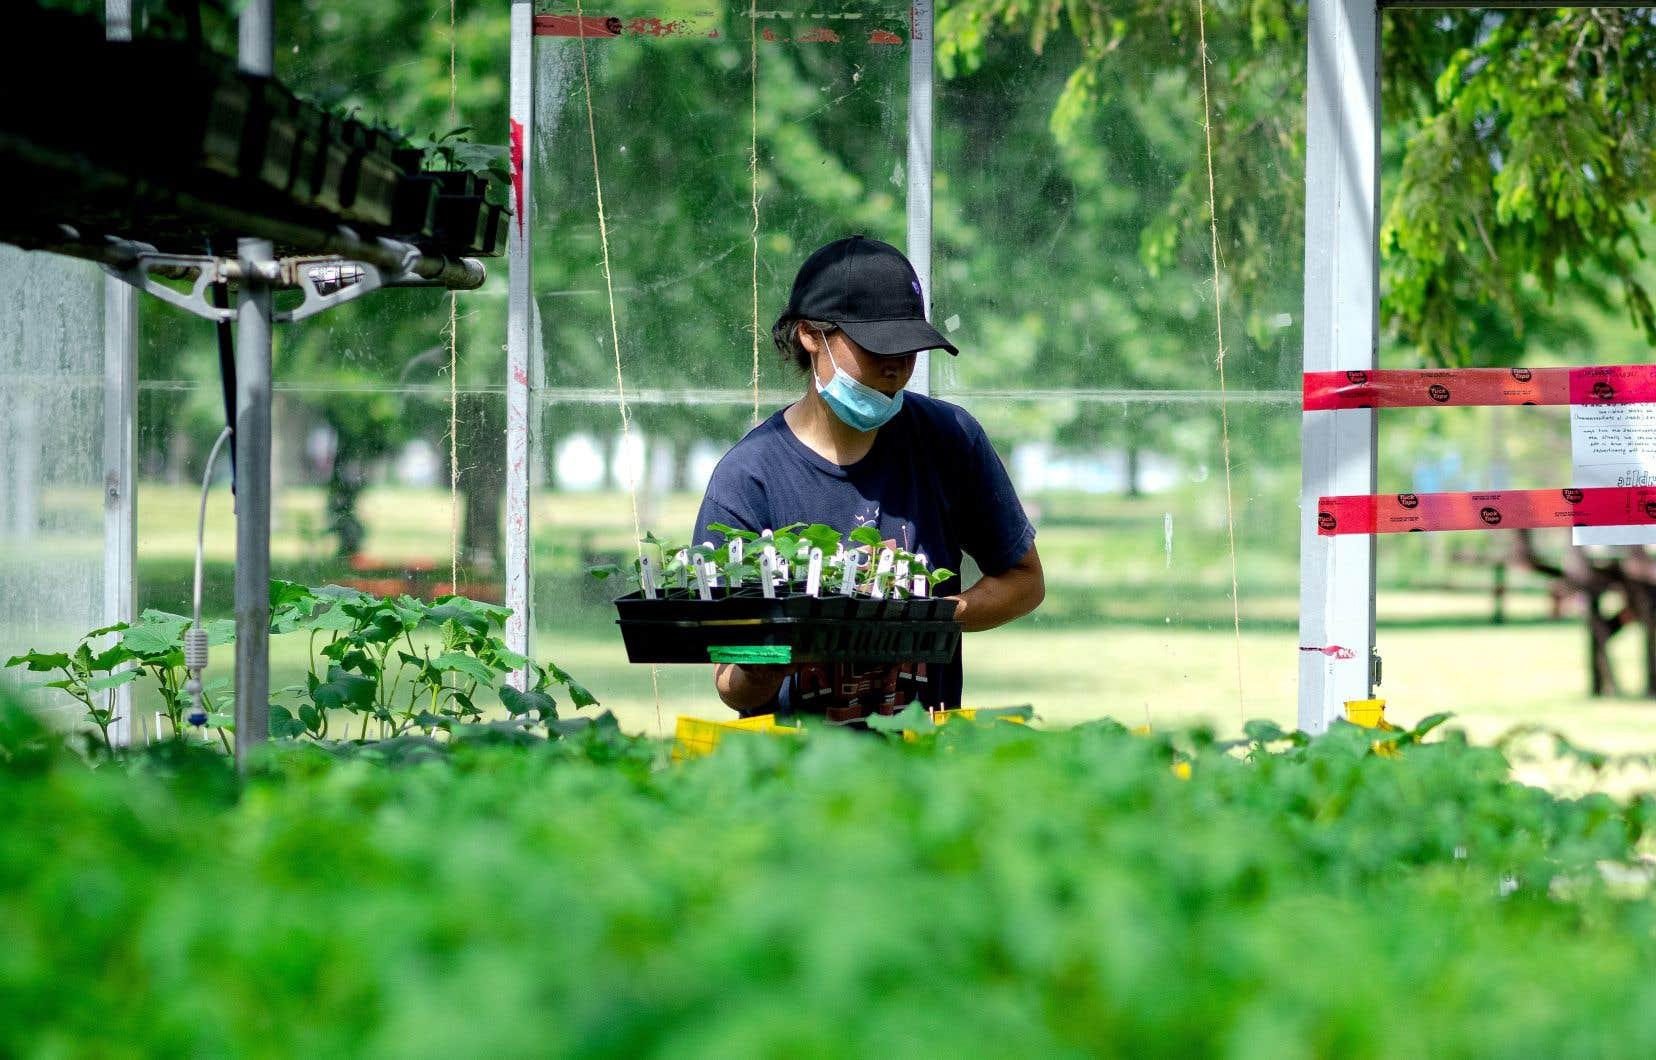 Le Grand Potager a pour mission de créer «un pôle d'échanges et de partage de savoirs en agriculture urbaine».